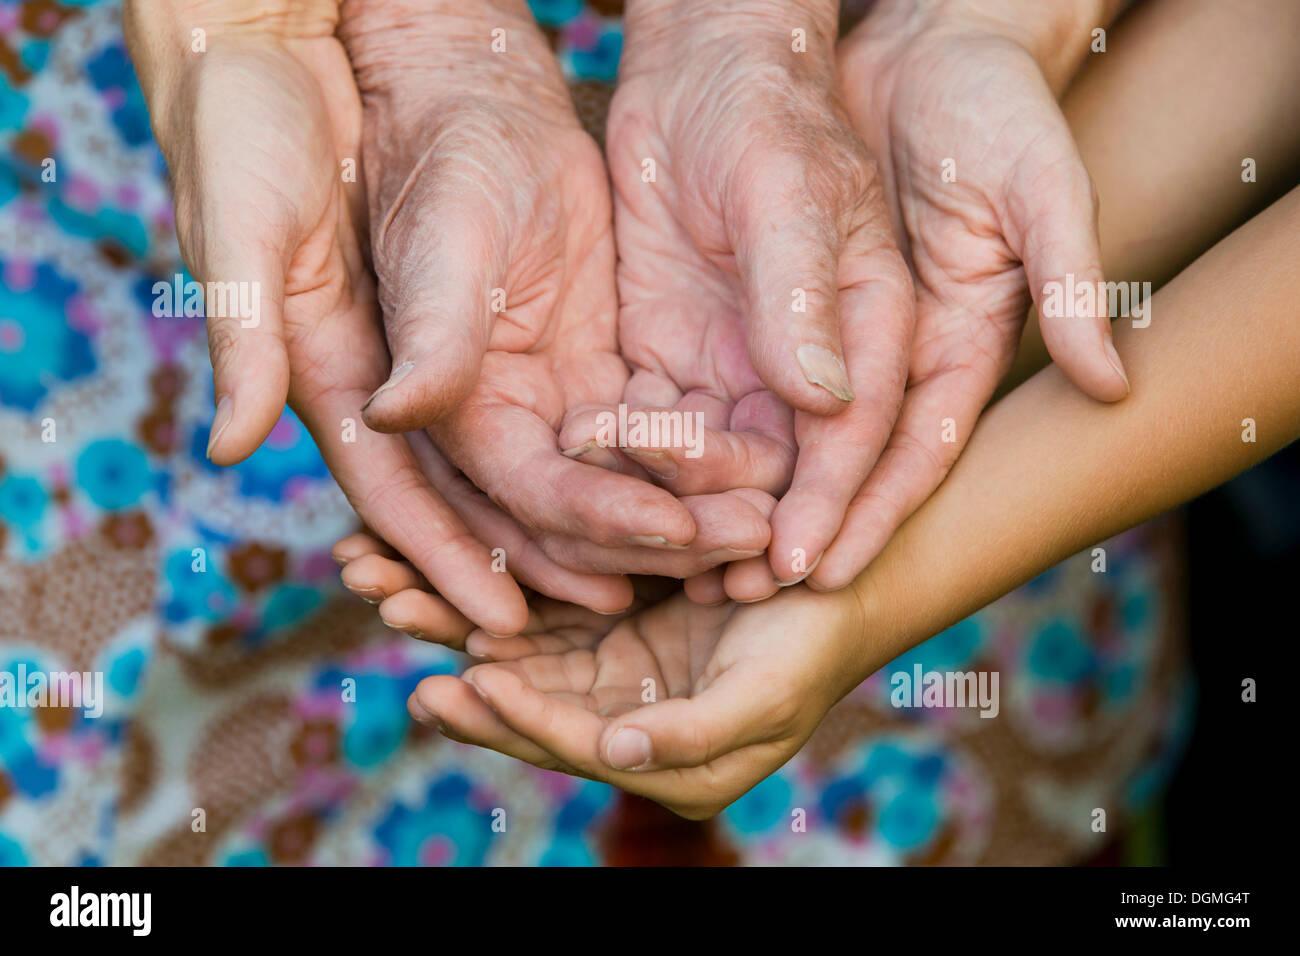 Händen der Erwachsener, eine ältere Frau und ein Kind Stockfoto